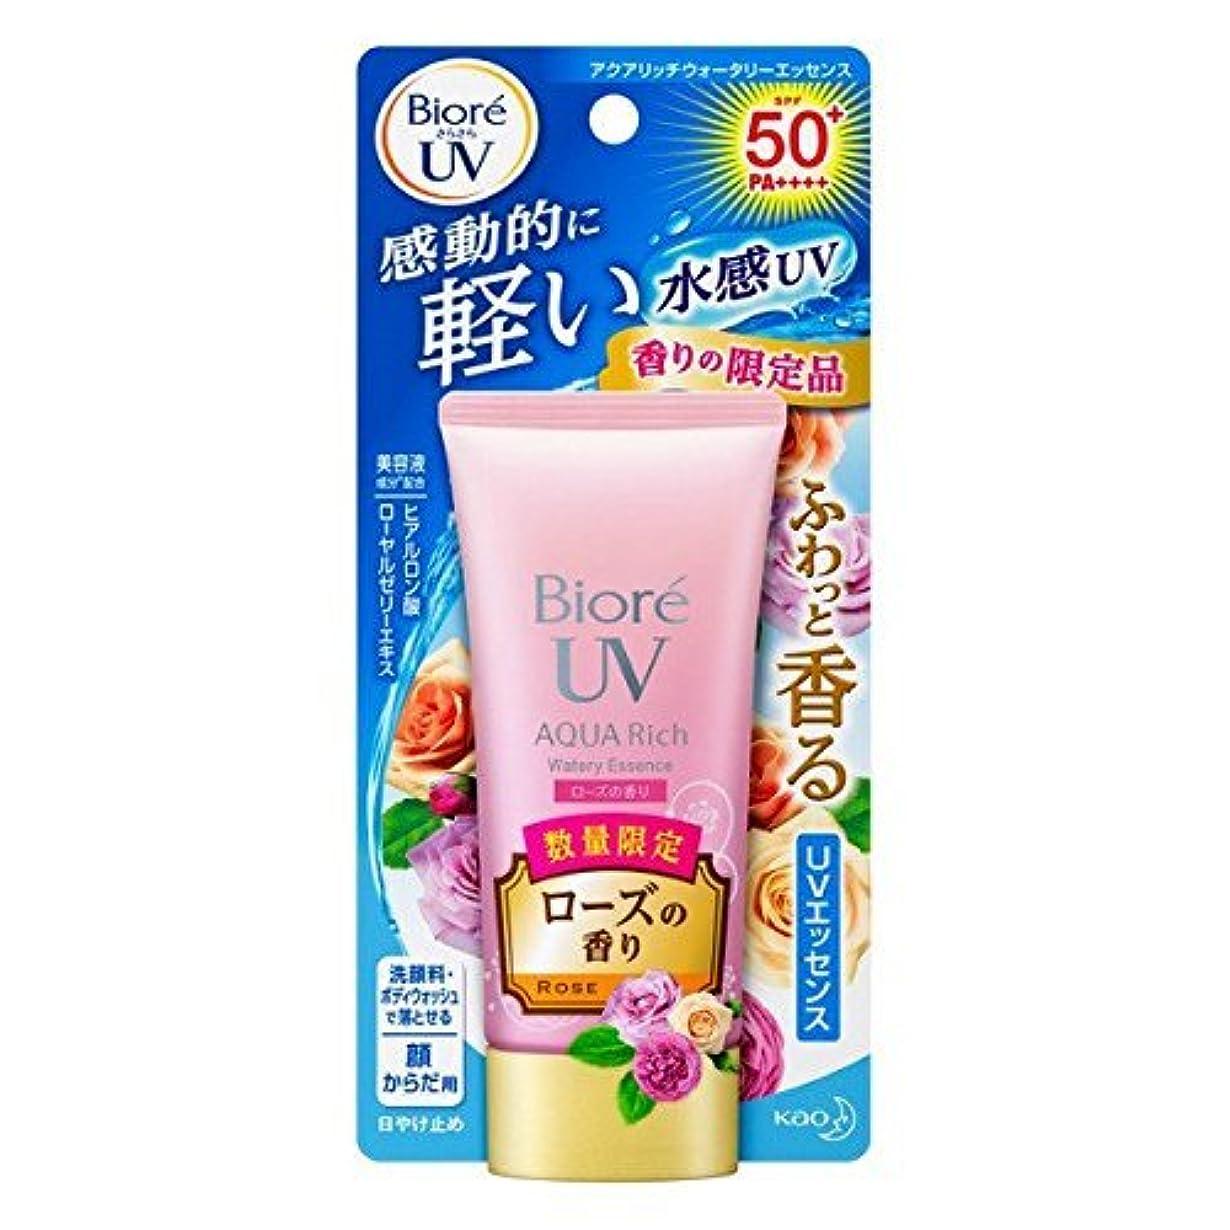 テスピアン財布ジュース【数量限定】ビオレ さらさらUV アクアリッチ ウォータリーエッセンス ローズの香り SPF50+ PA++++ 50g